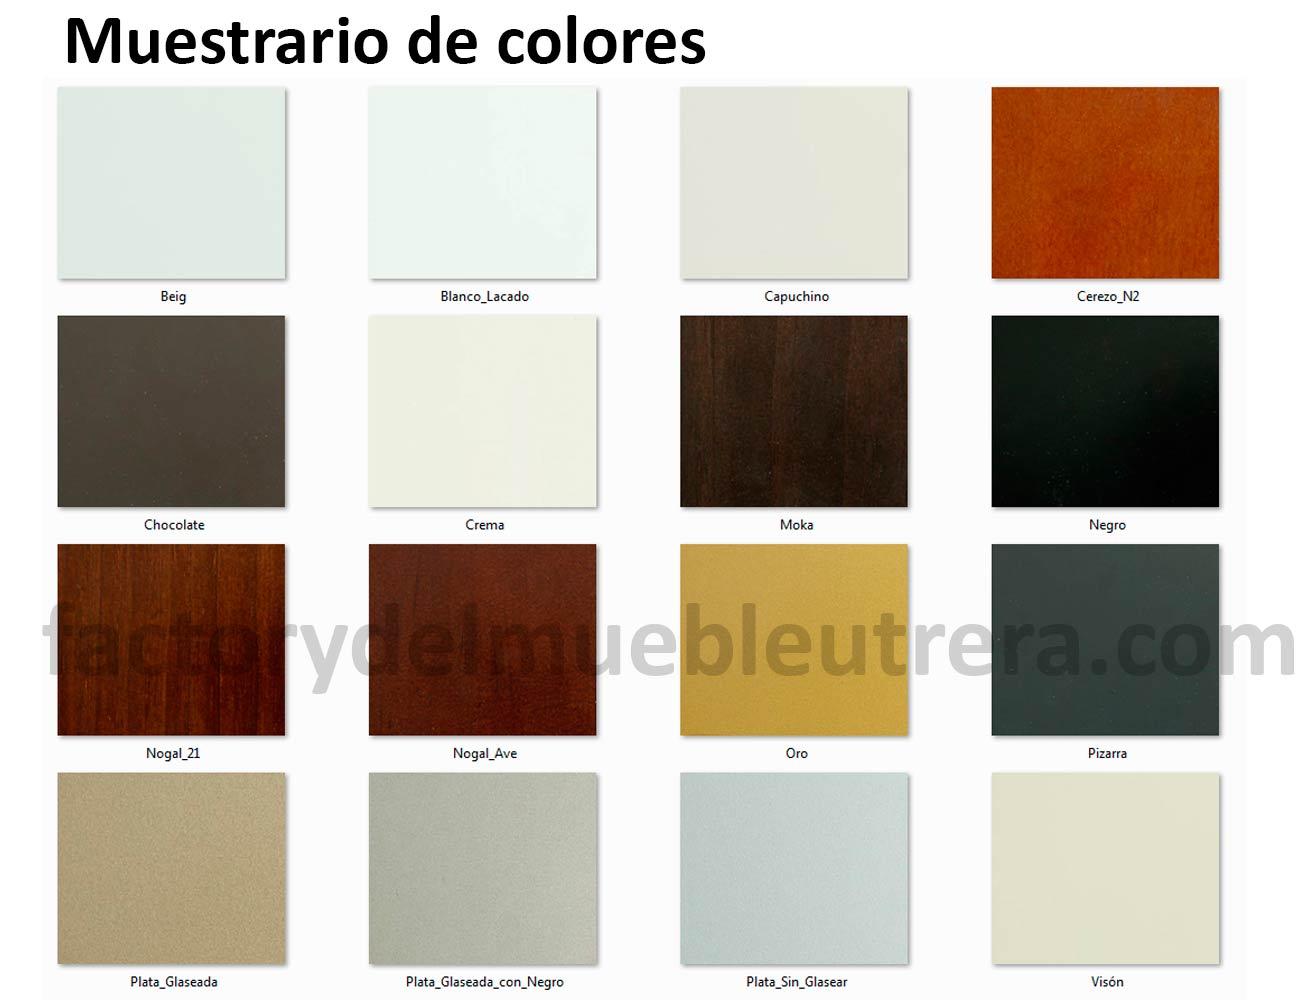 Colores web nueva